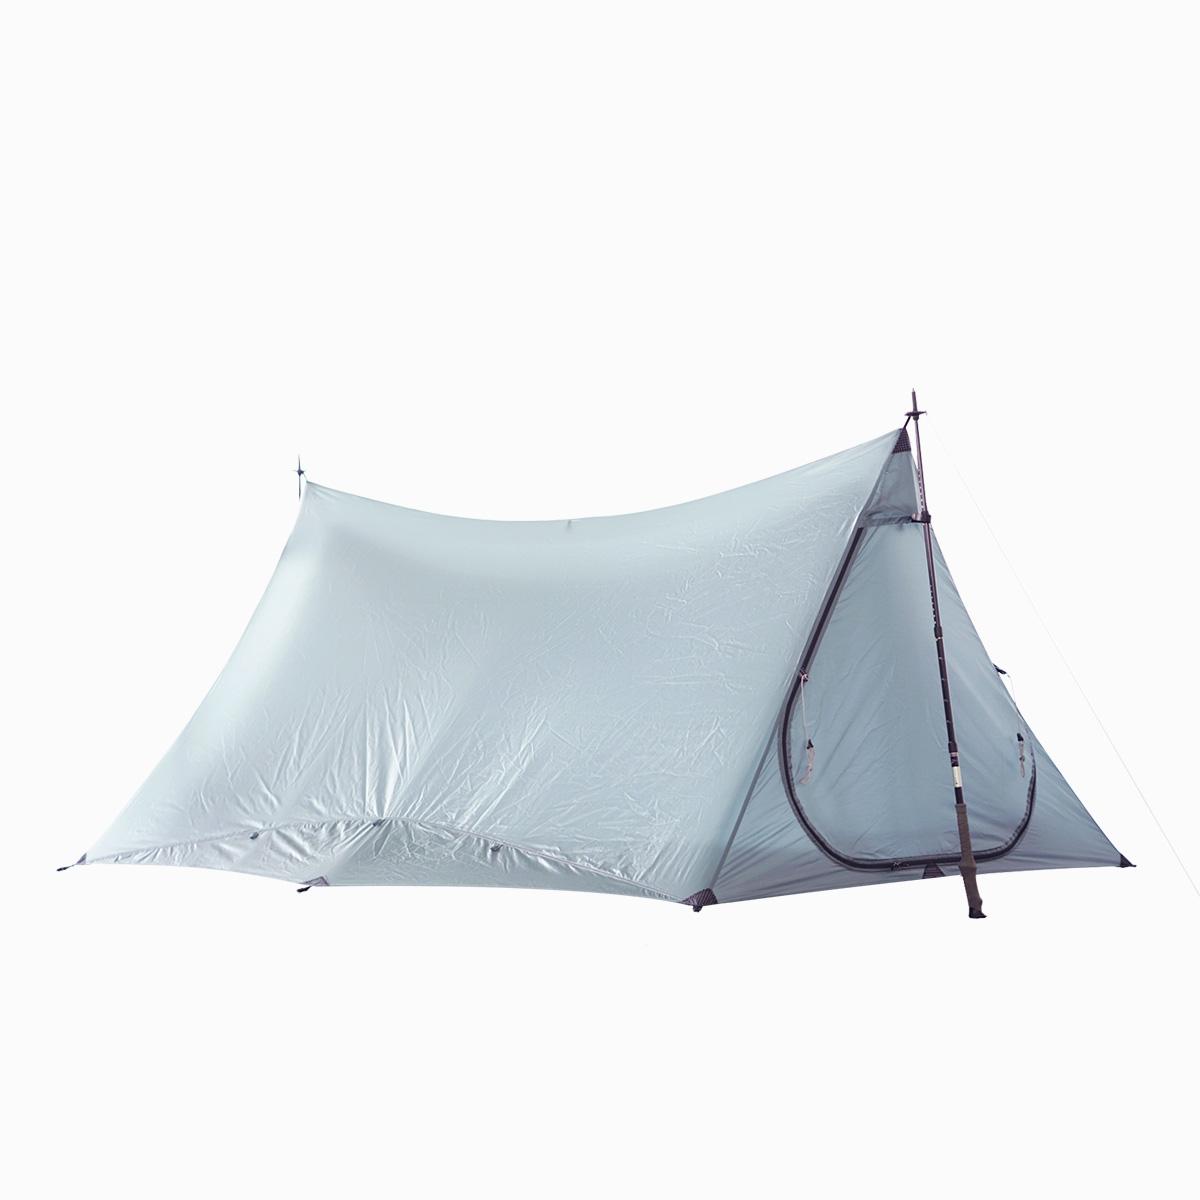 TFS WhiteLabel CoastLine-2P Tent